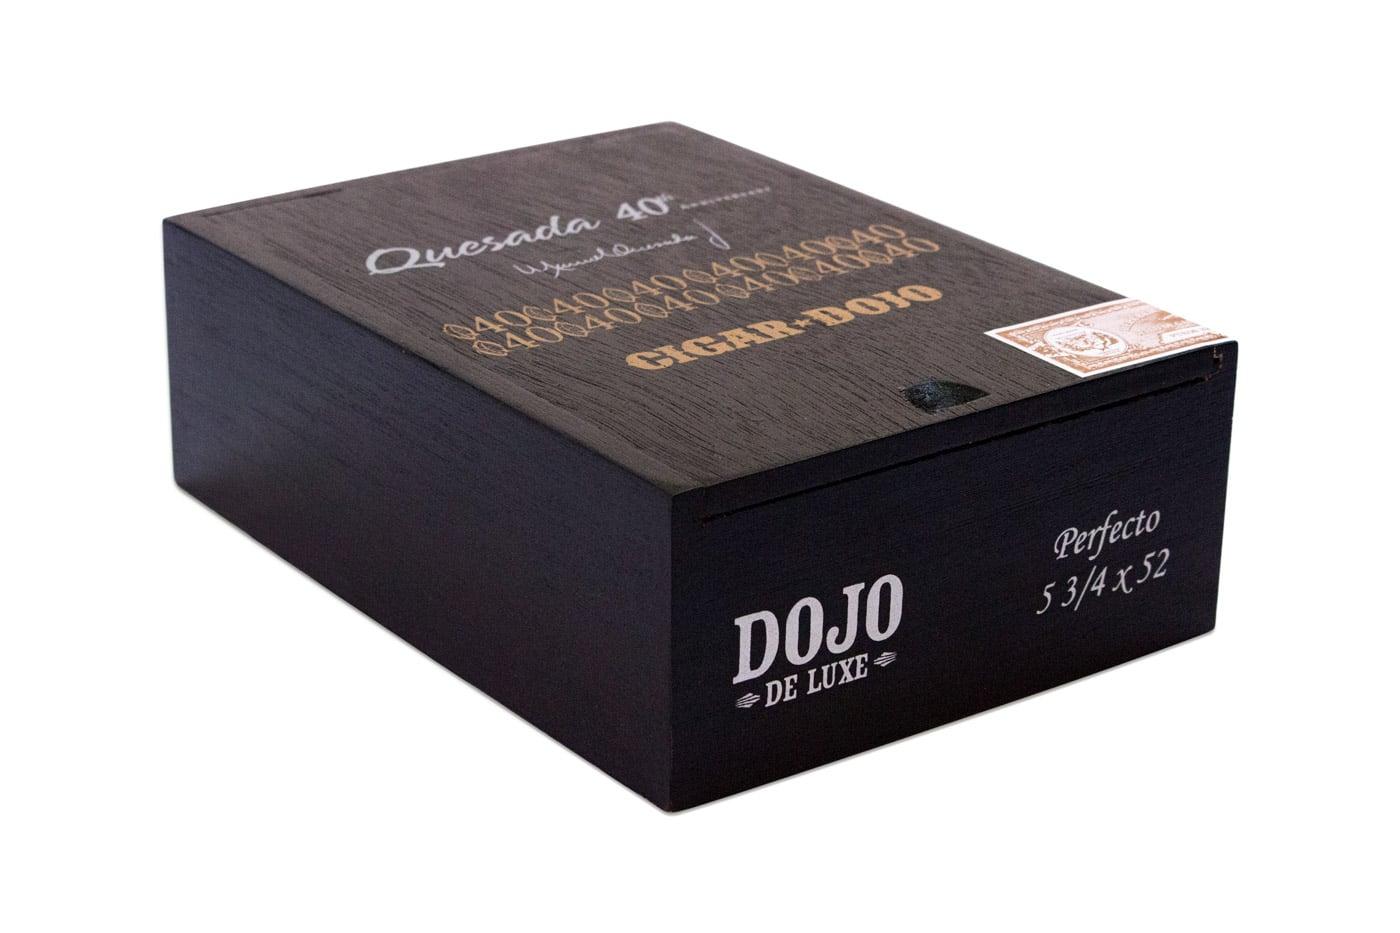 Quesada Dojo de Luxe cigar packaging closed box